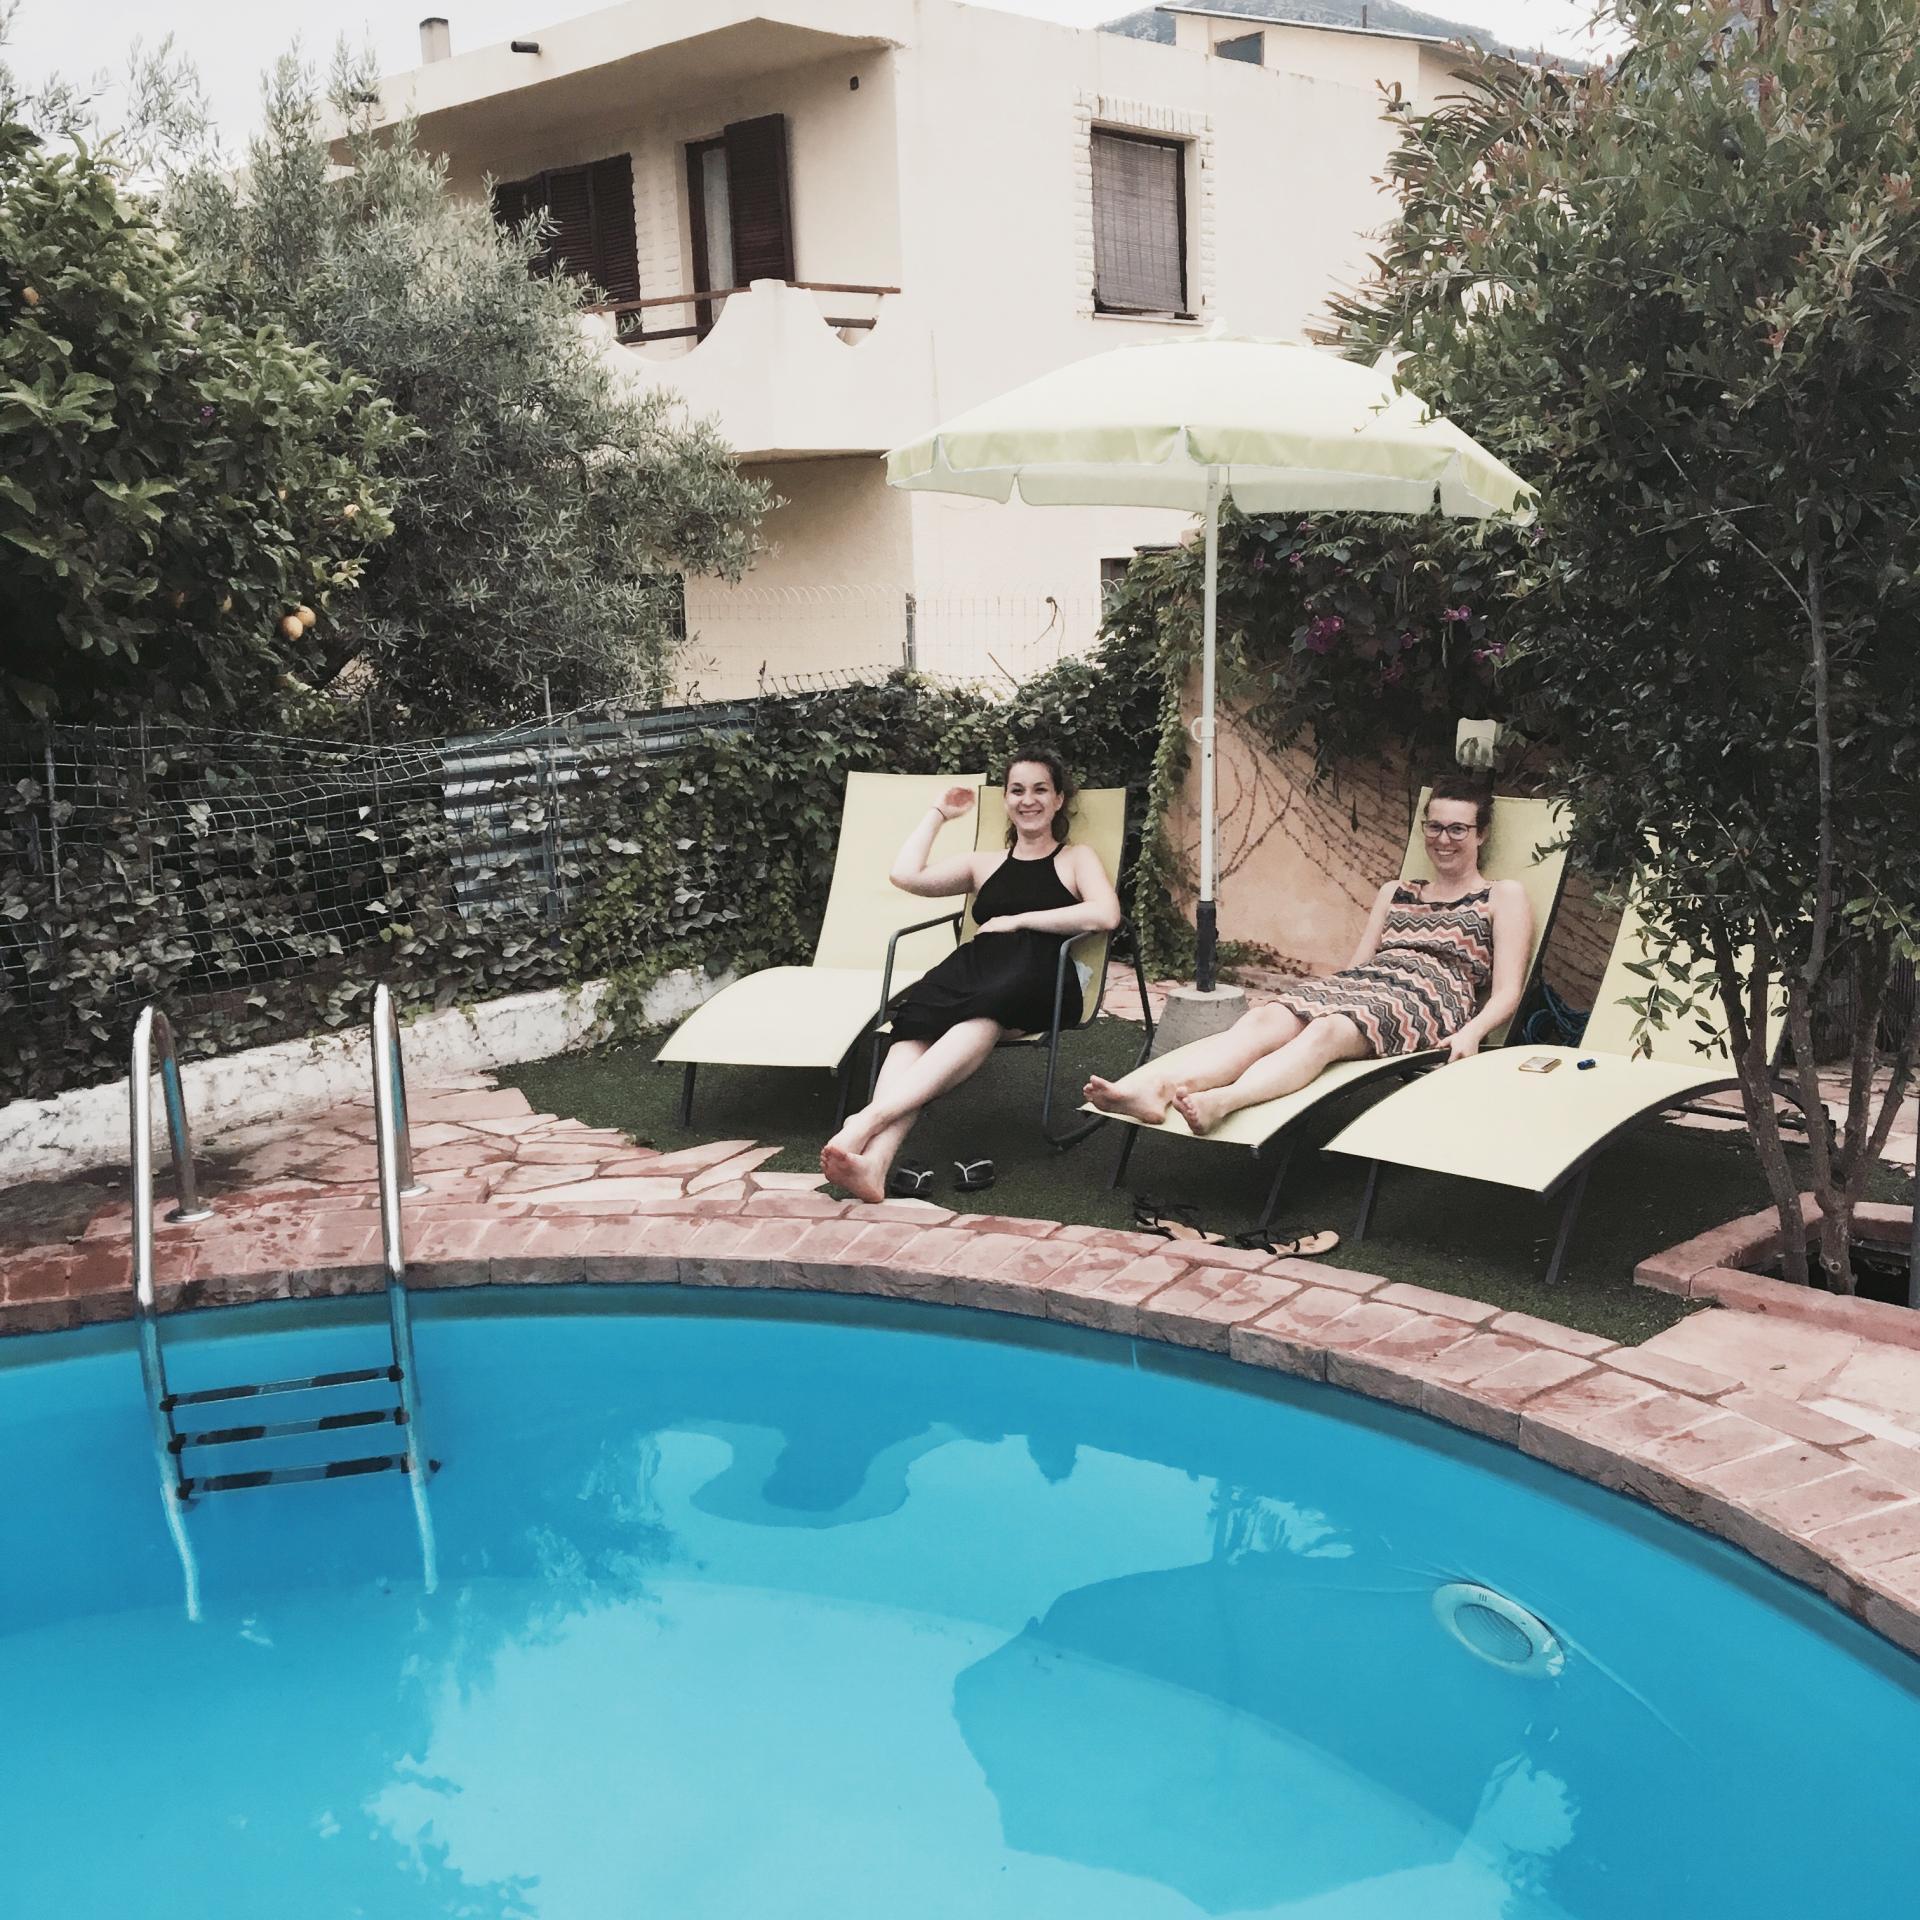 Mon voyage en Sardaigne entre copines 41